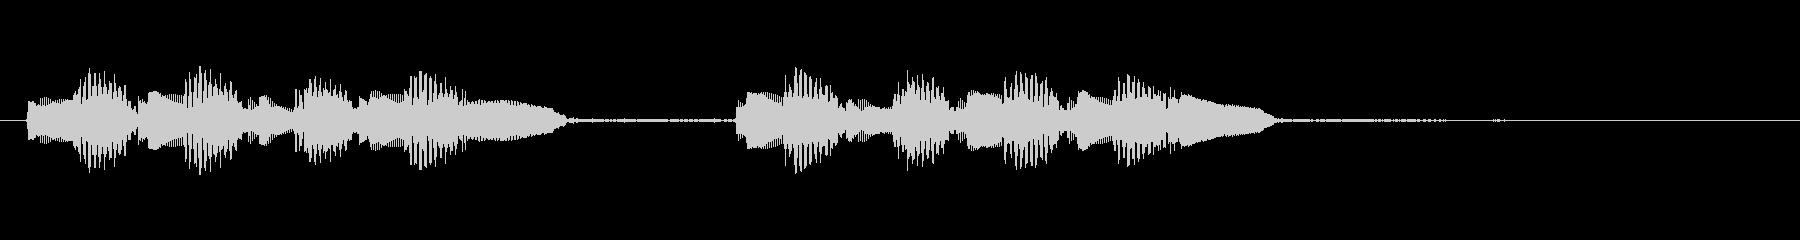 KANT 電子音アイキャッチ207313の未再生の波形